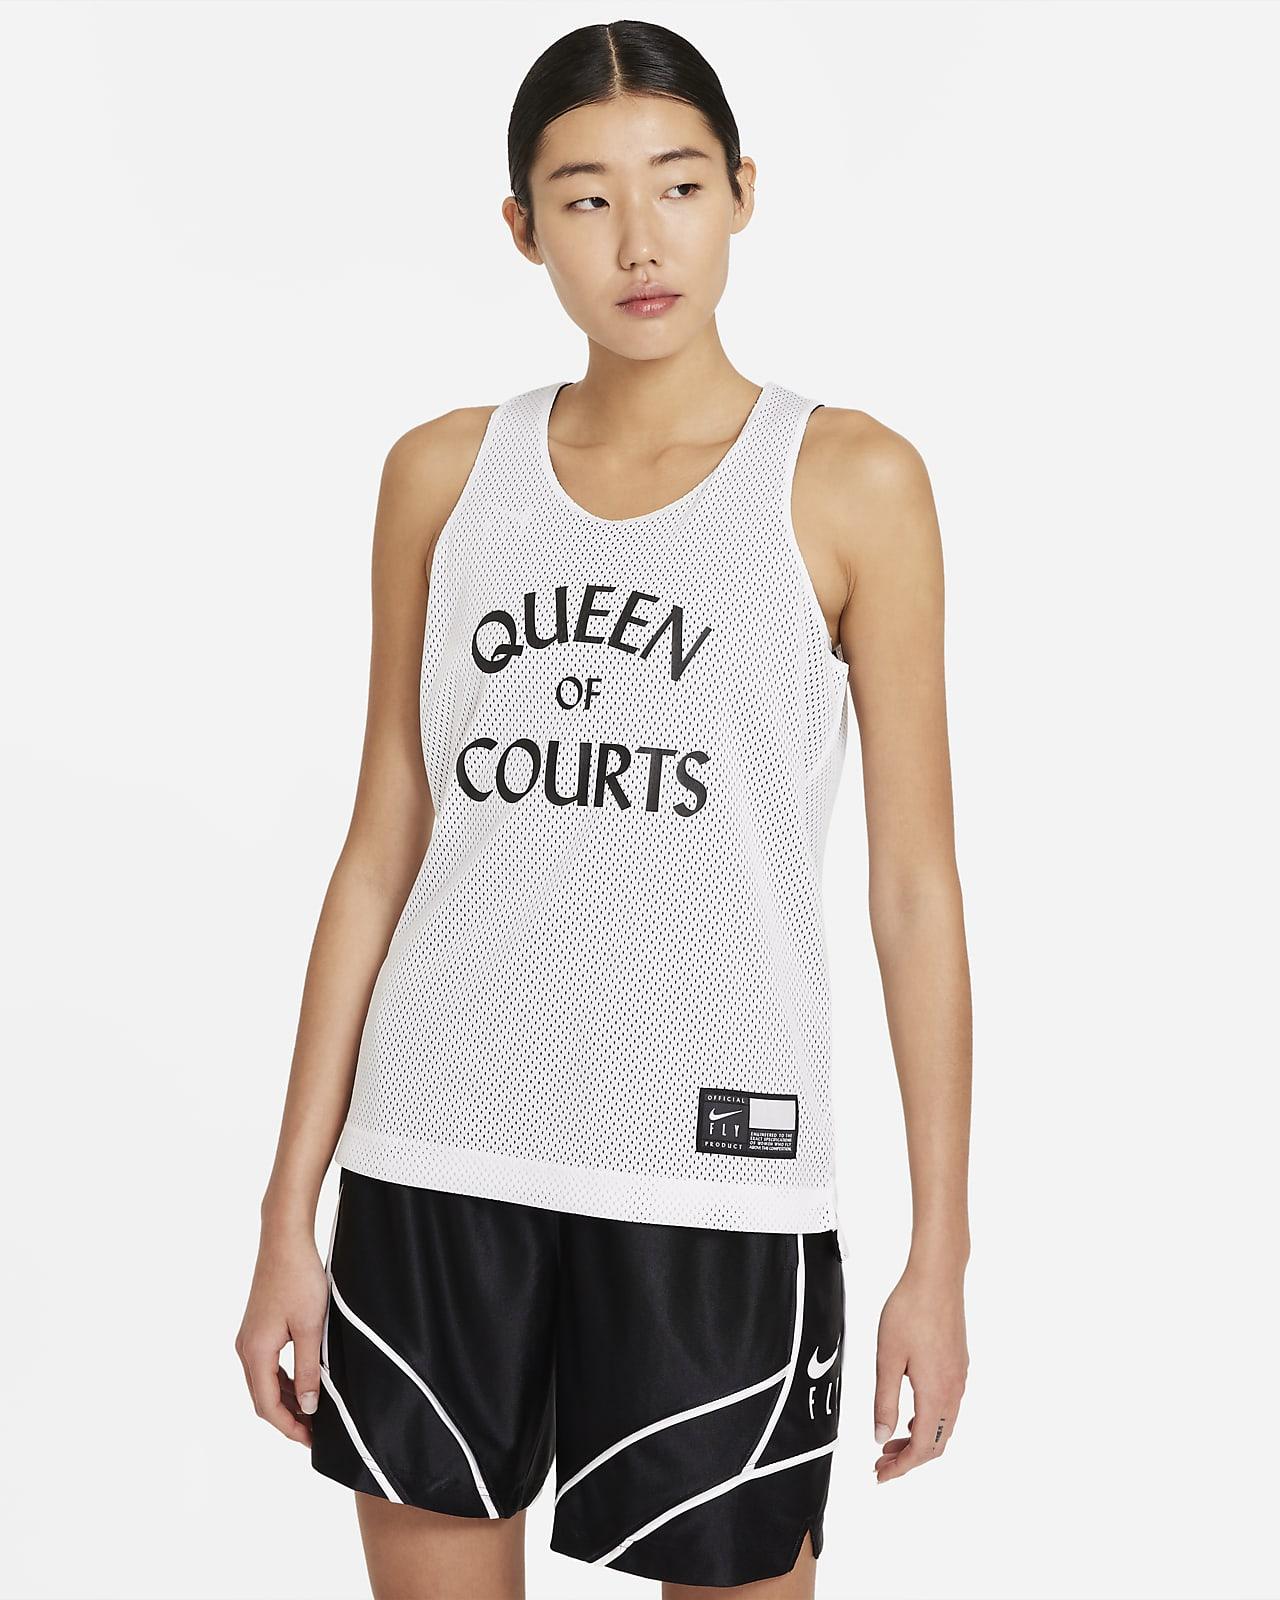 เสื้อแข่งบาสเก็ตบอลผู้หญิงใส่ได้ 2 ด้าน Nike Swoosh Fly